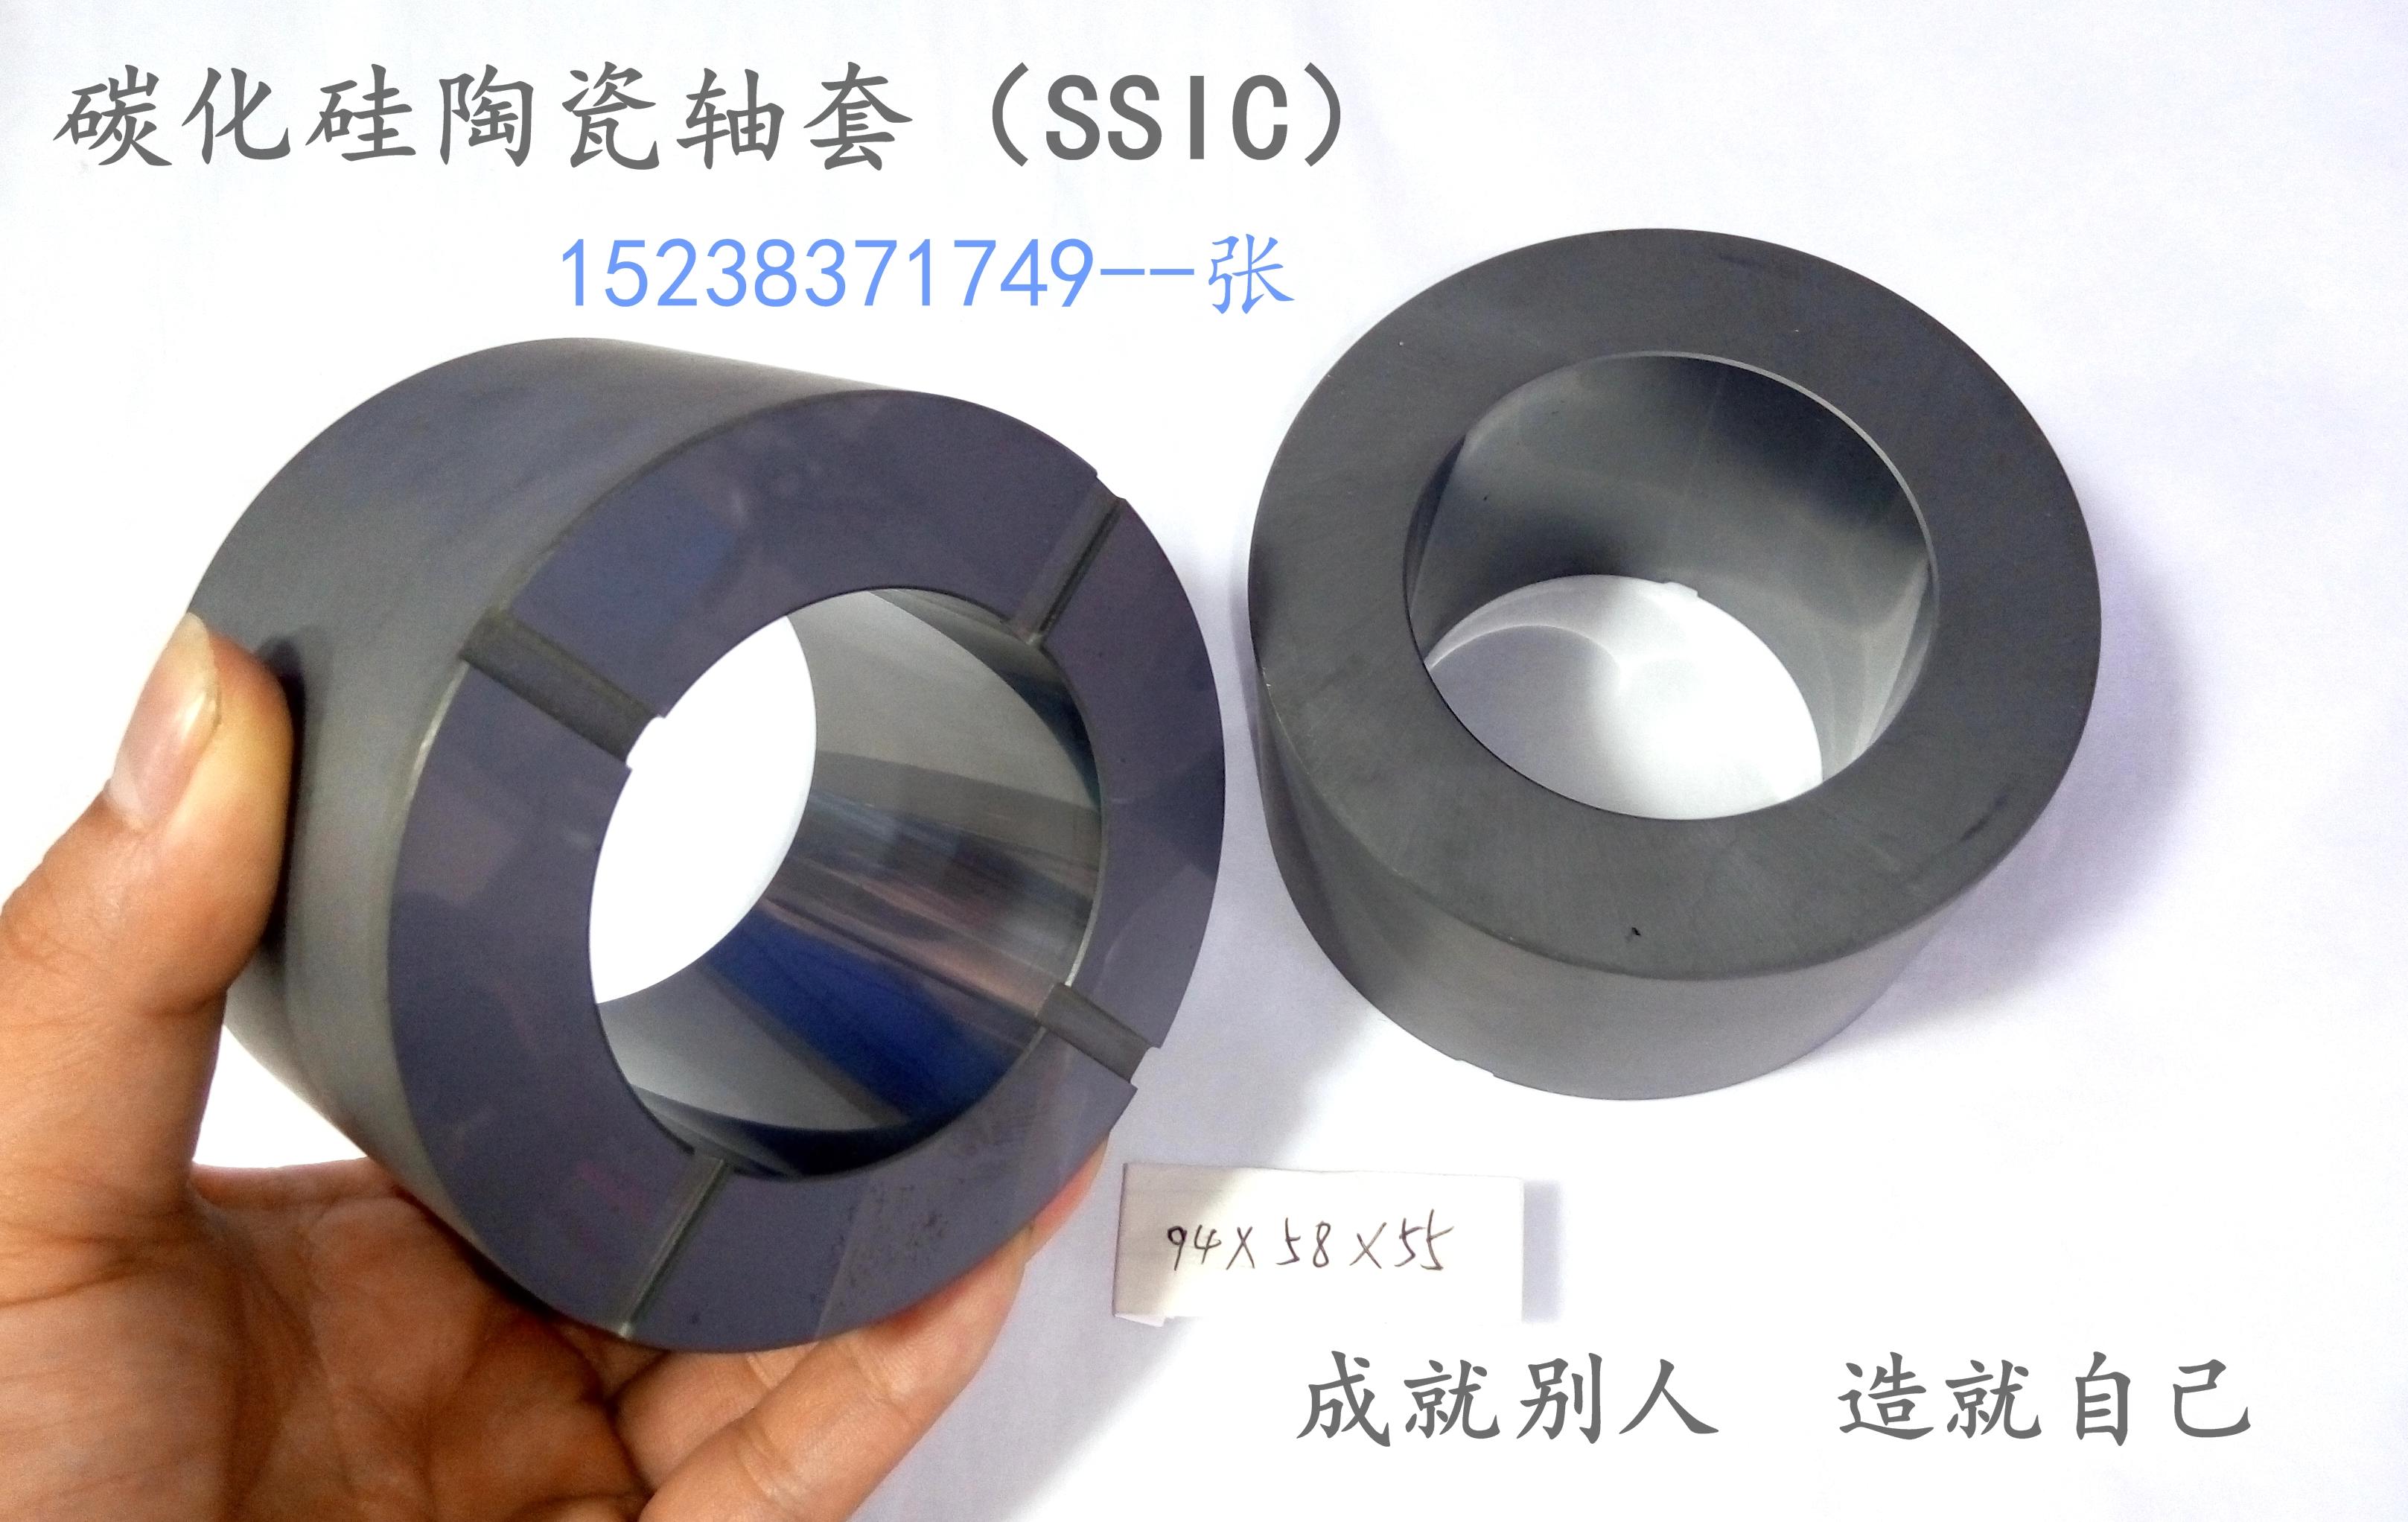 供应用于碳化硅微粉|硅粉的碳化硅陶瓷柱塞哪里做的好?,柱塞泵配件,蓝宝石柱塞,泵用密封环配件,碳化硅陶瓷球